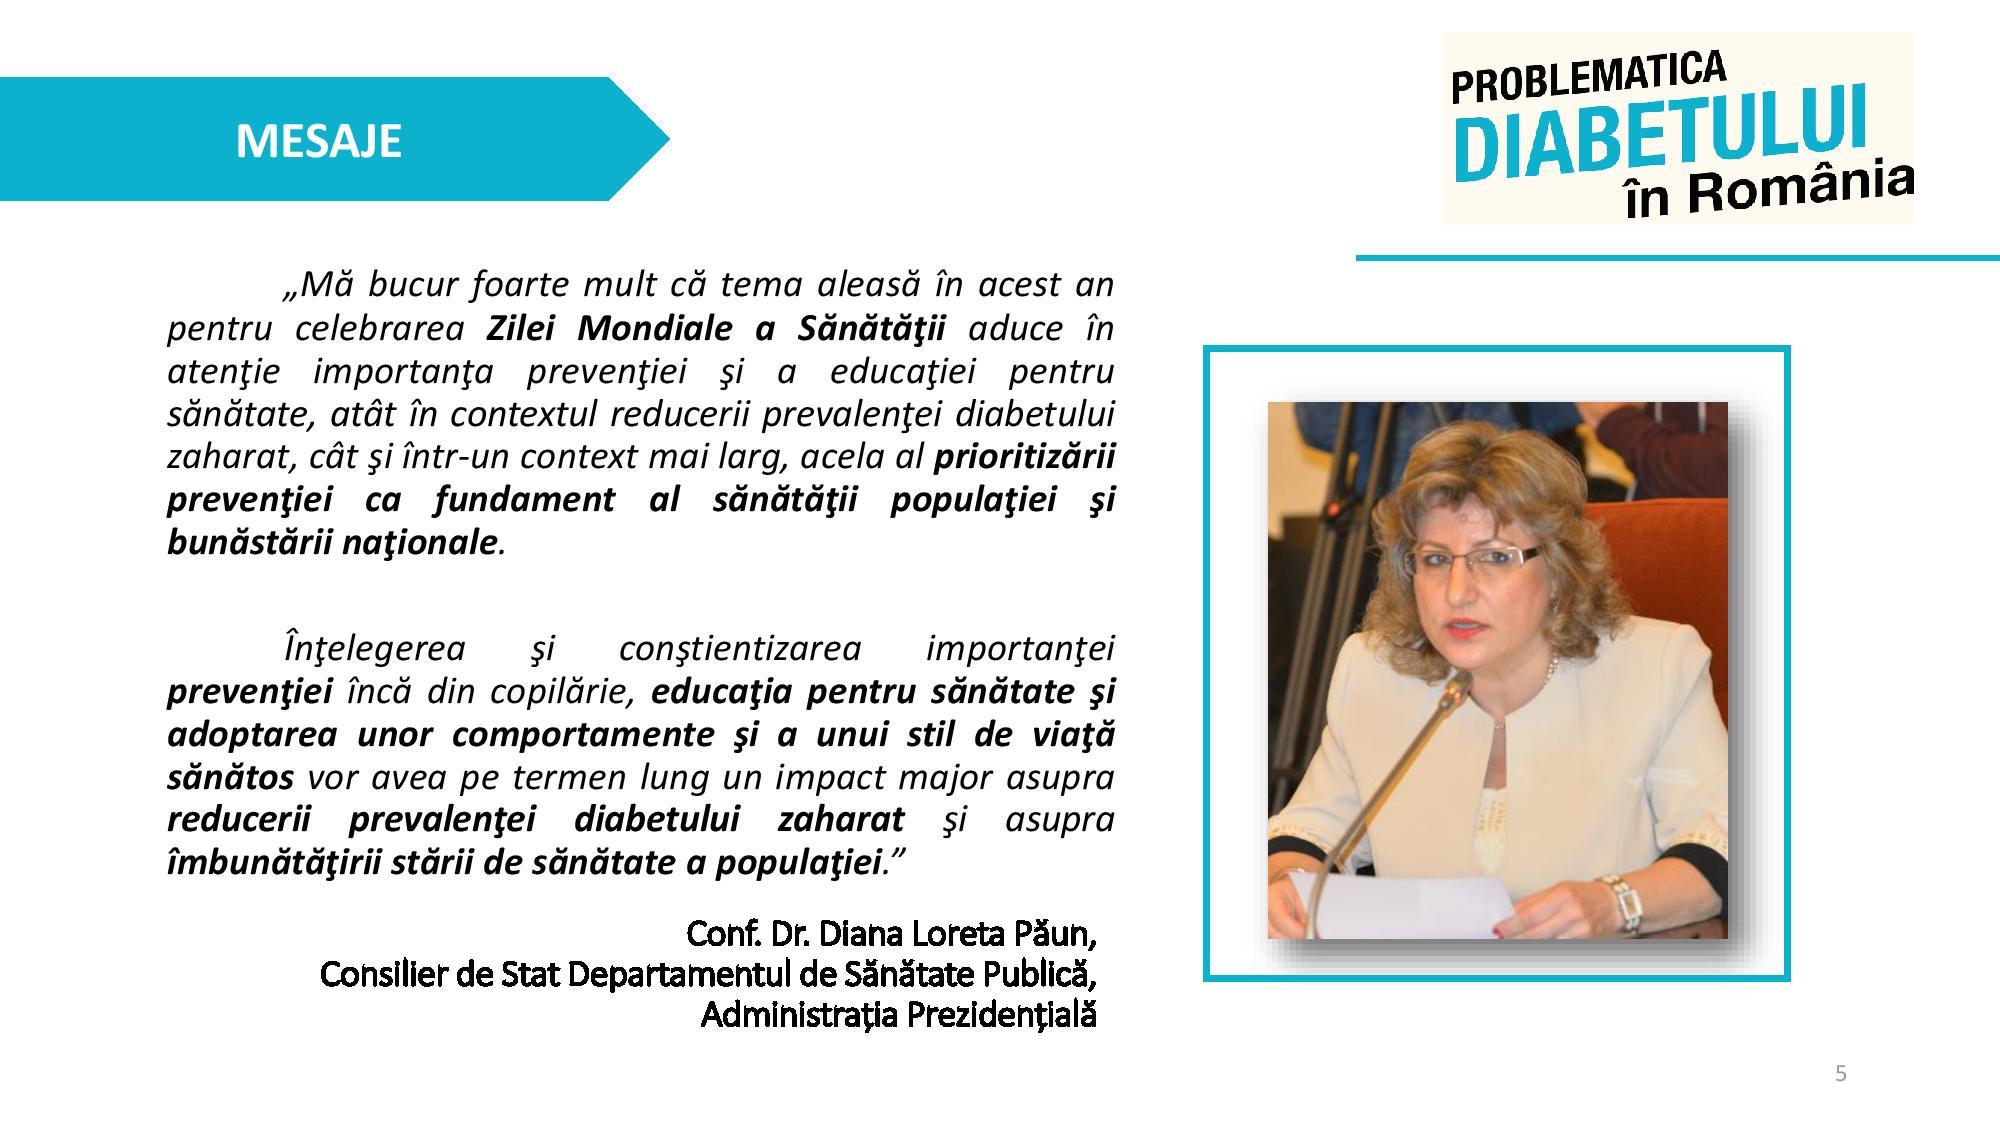 Problematica Diabetului in Romania 2016-page-005